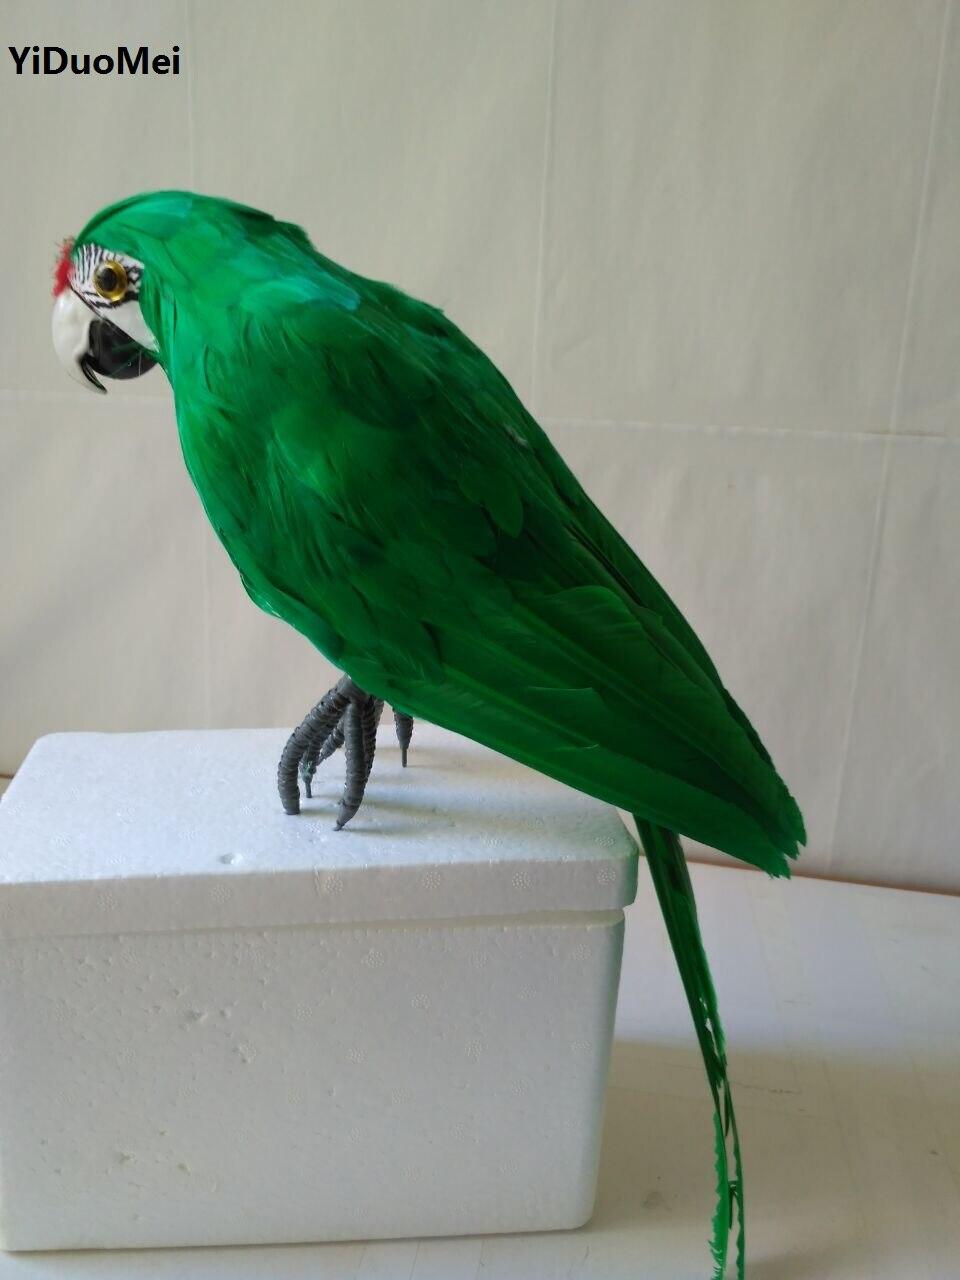 Acheter Oiseaux Artificiels Modèle, dedans Perroquet Jardine